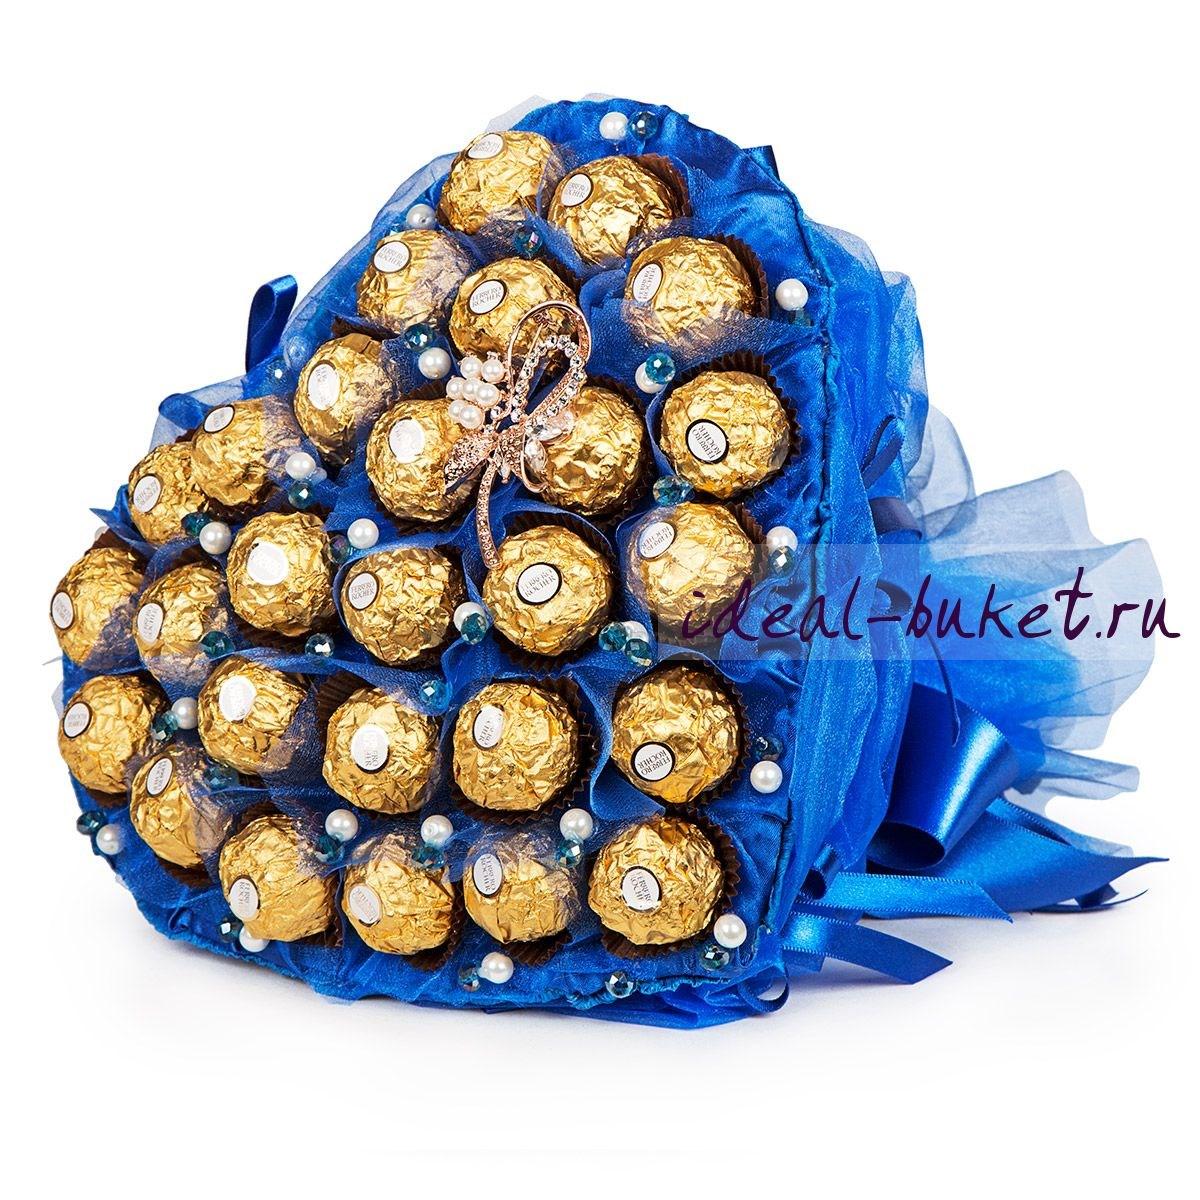 Букет из конфет в подарок фото 23